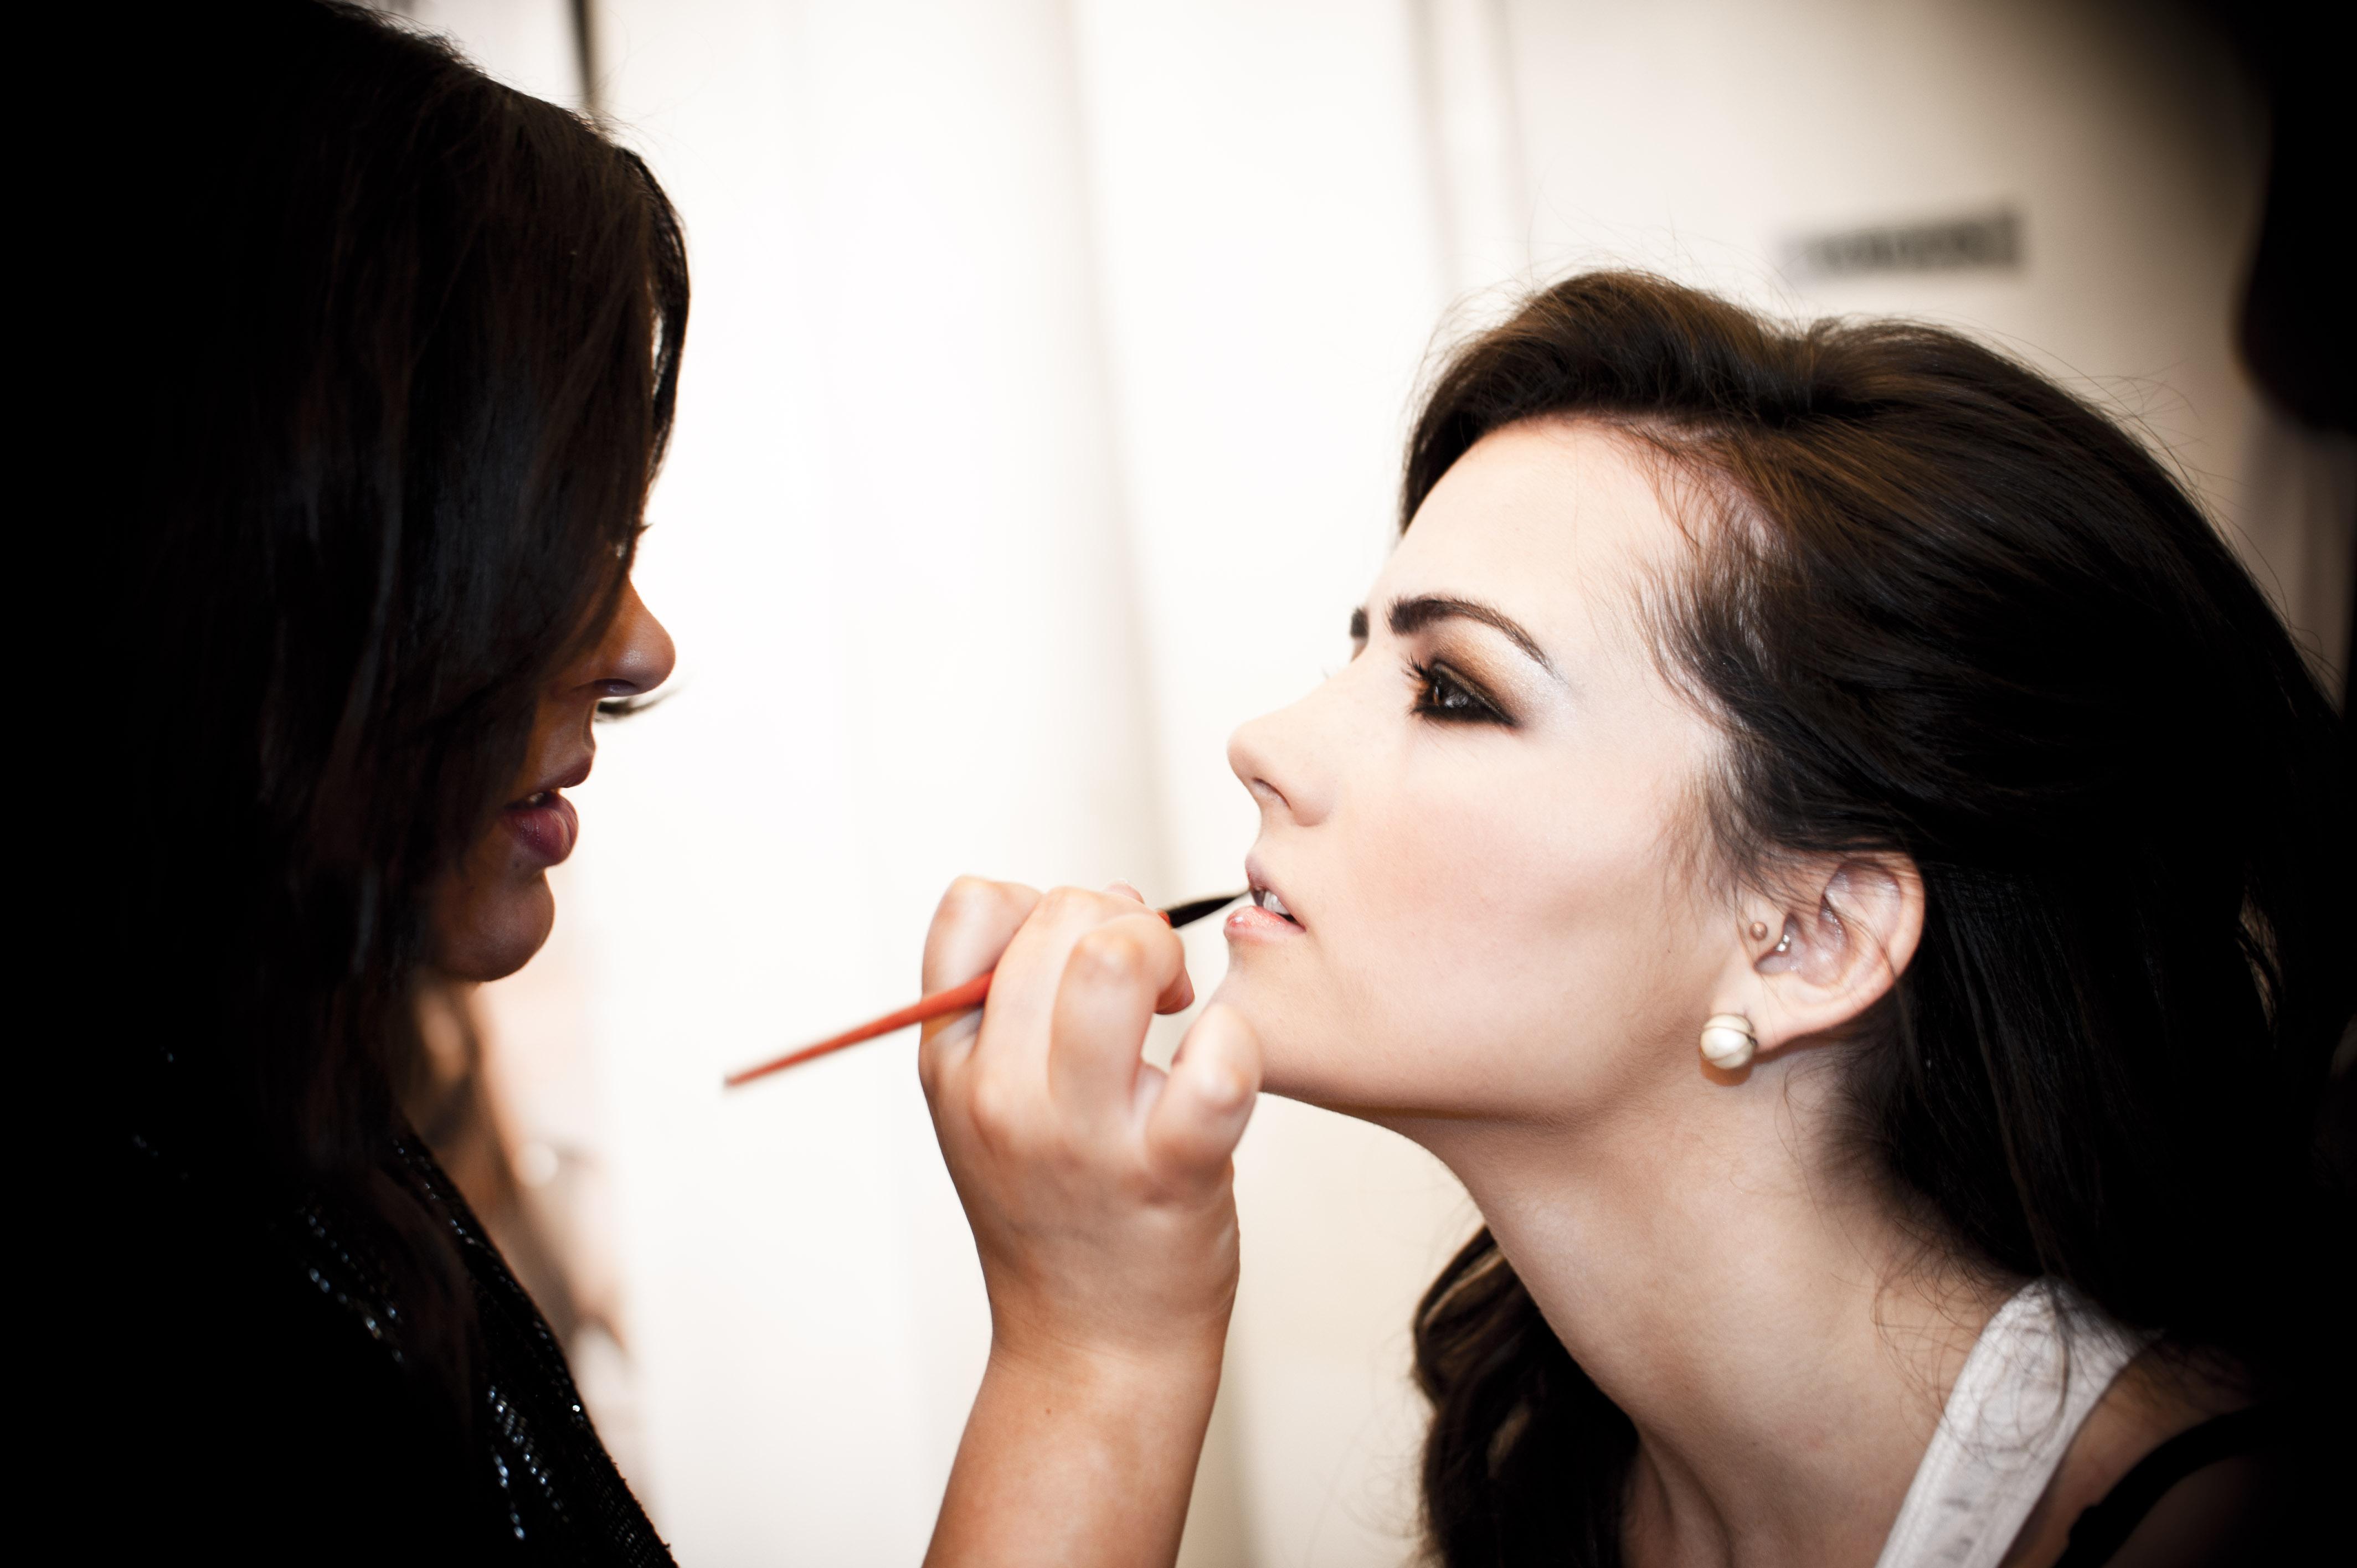 Makeup artist degree